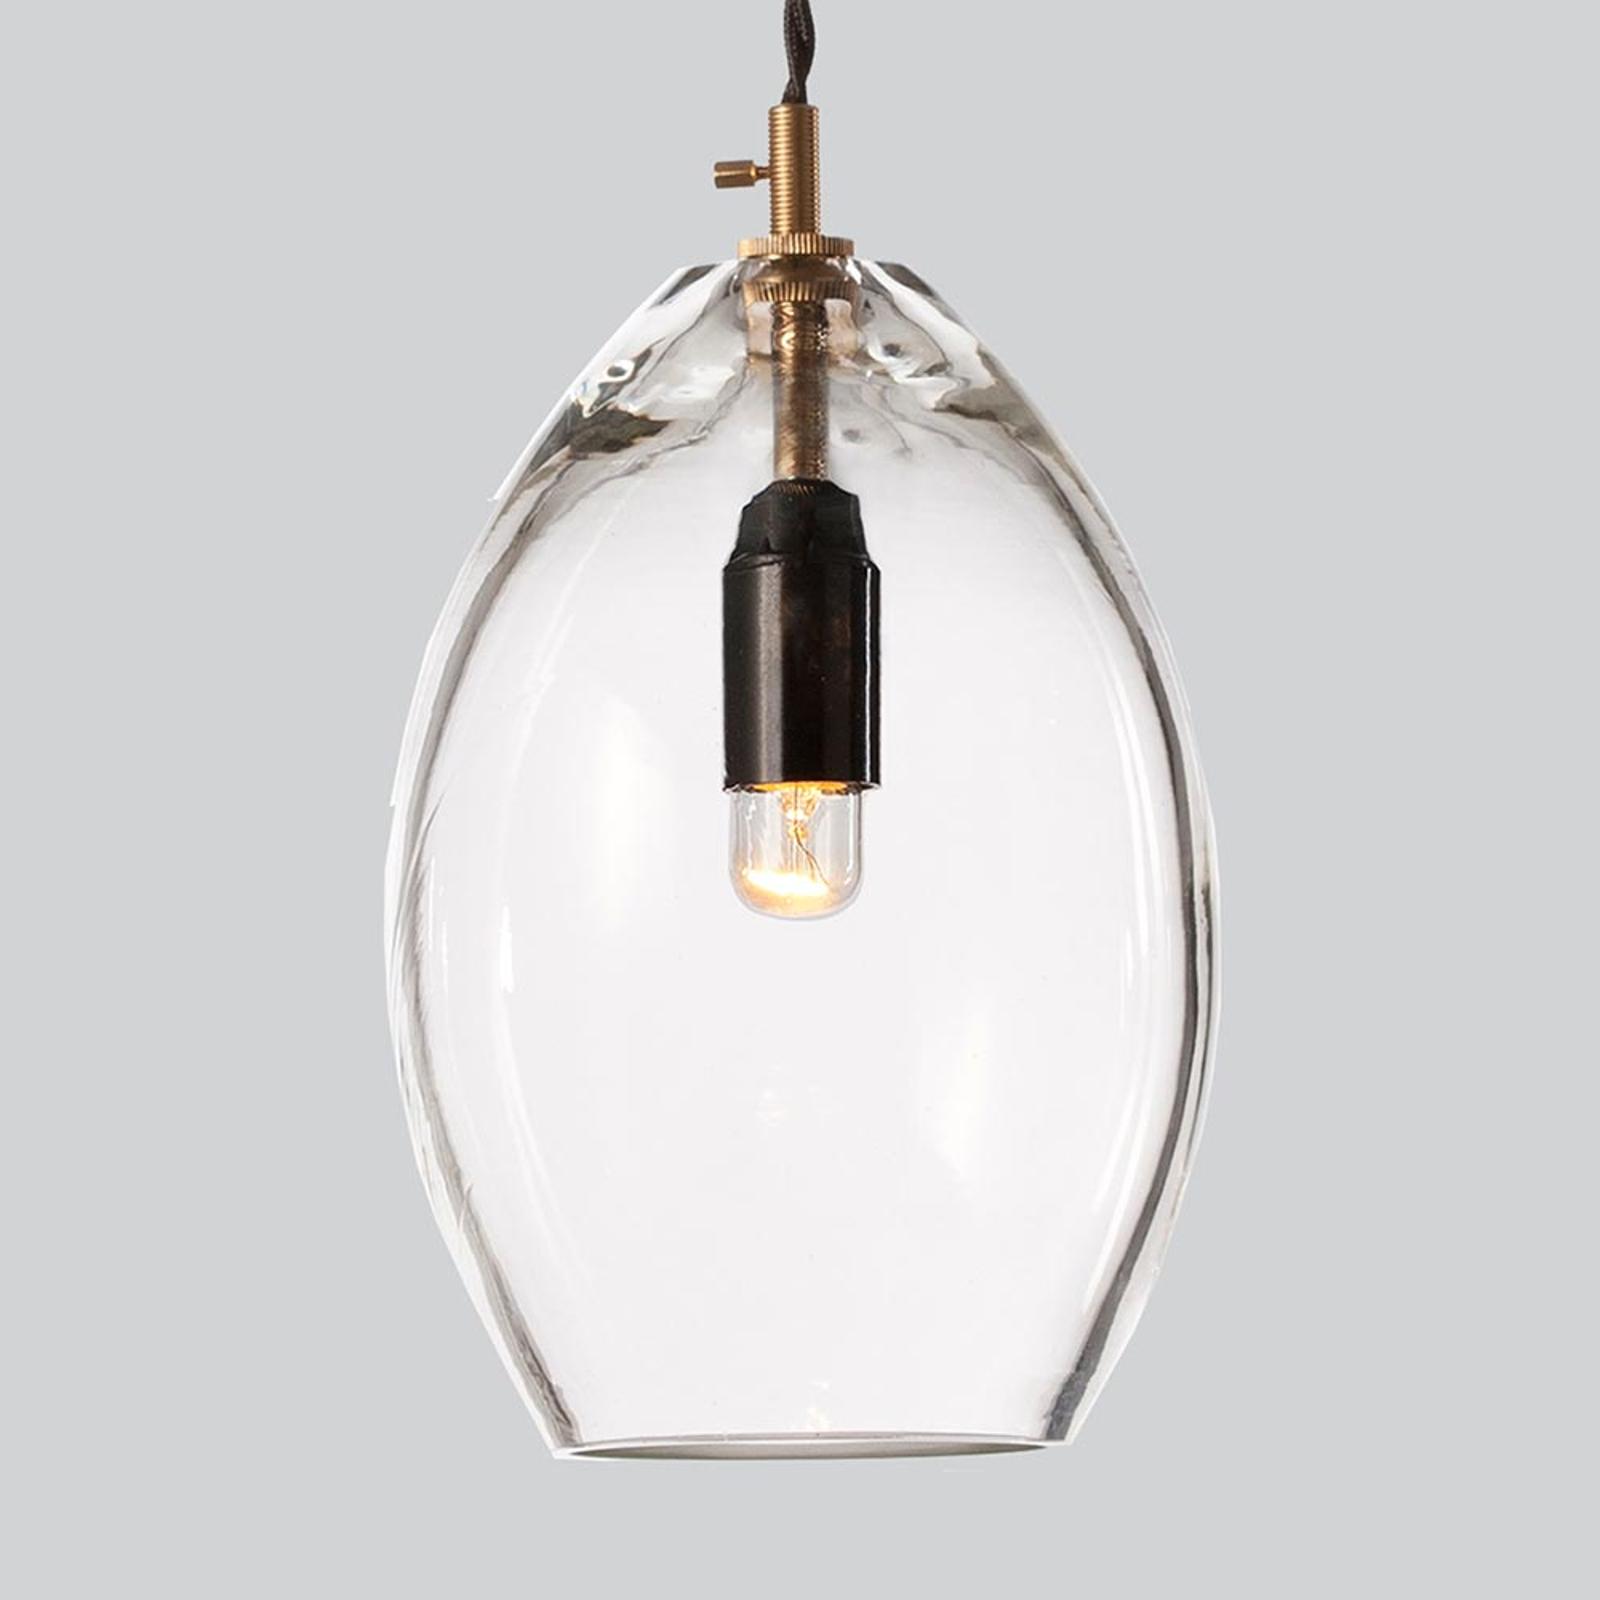 Lampada a sospensione trasparente Unika, 14 cm